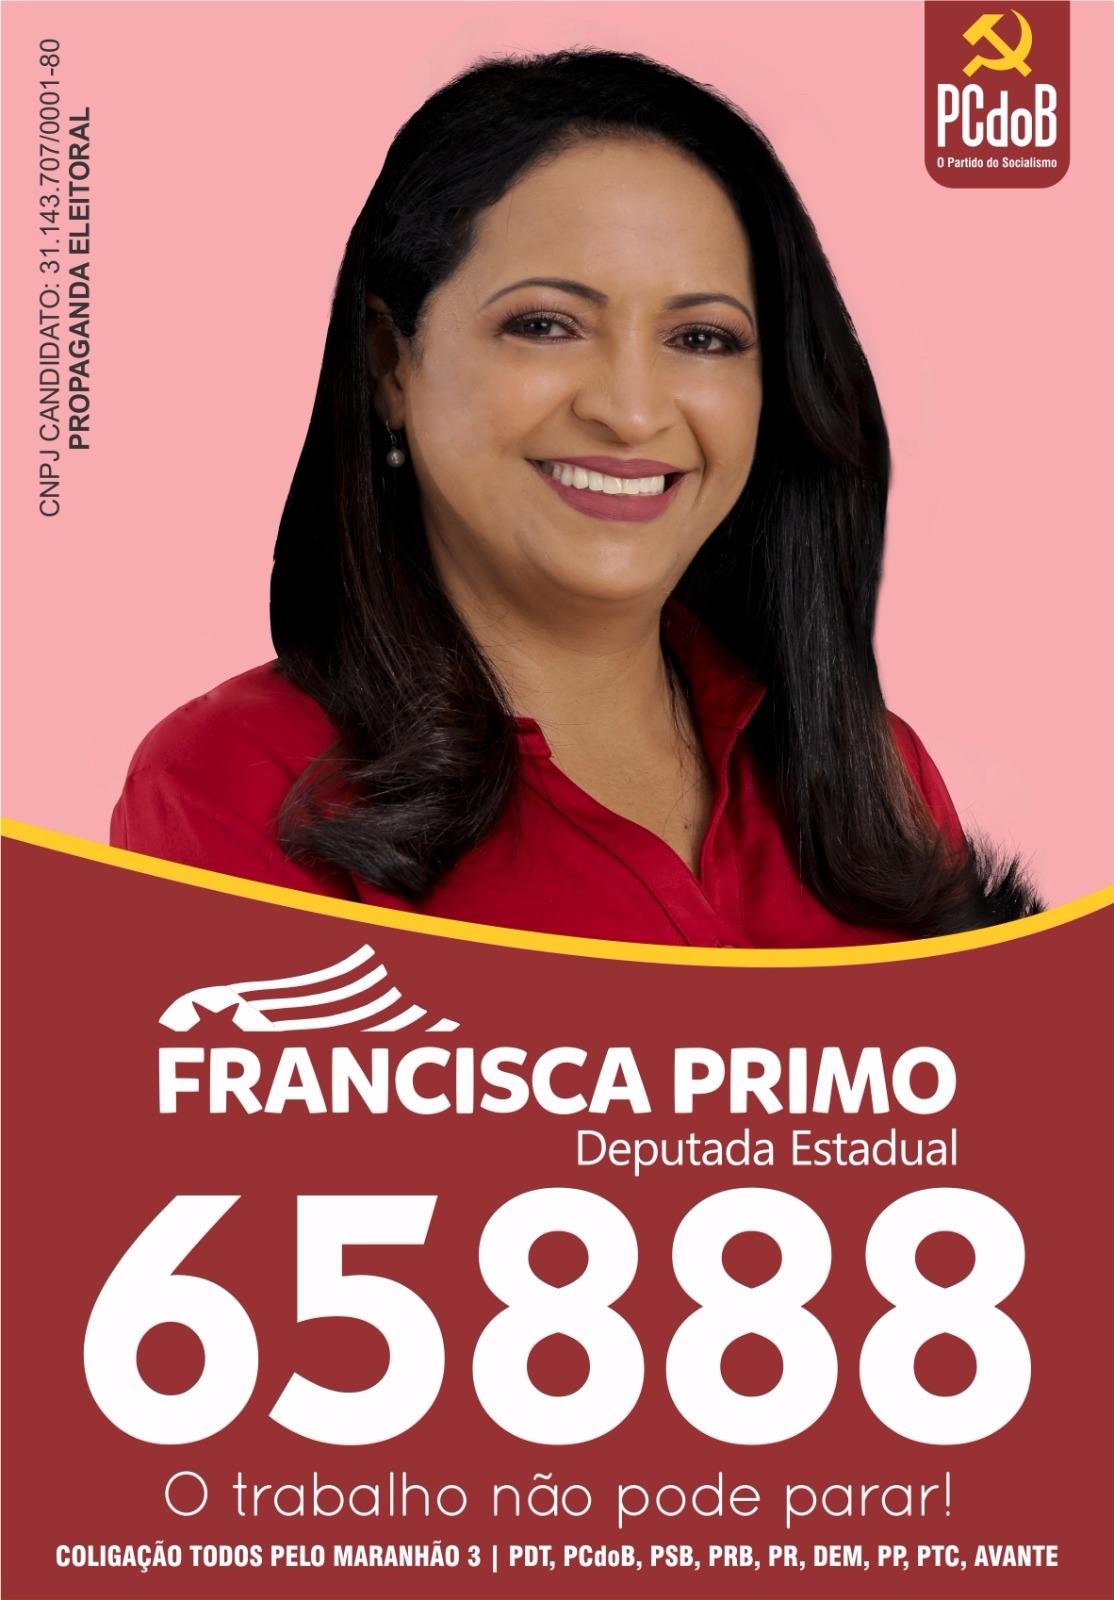 Vote Francisca Primo 65.888